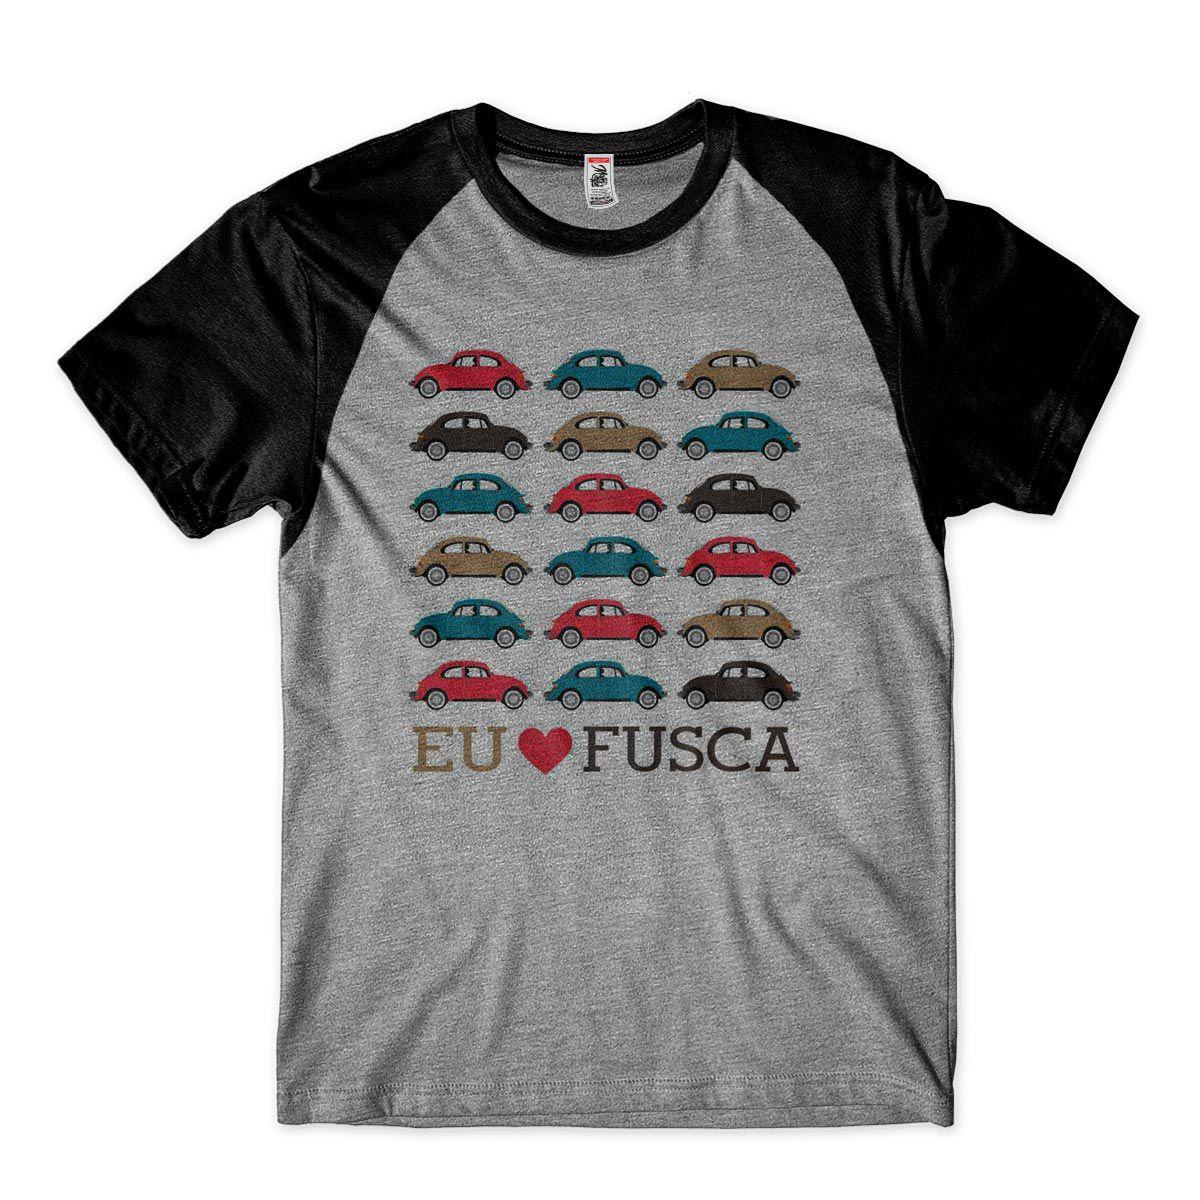 Camiseta Eu amo Fusca Camisa Masculina Carro Vintage